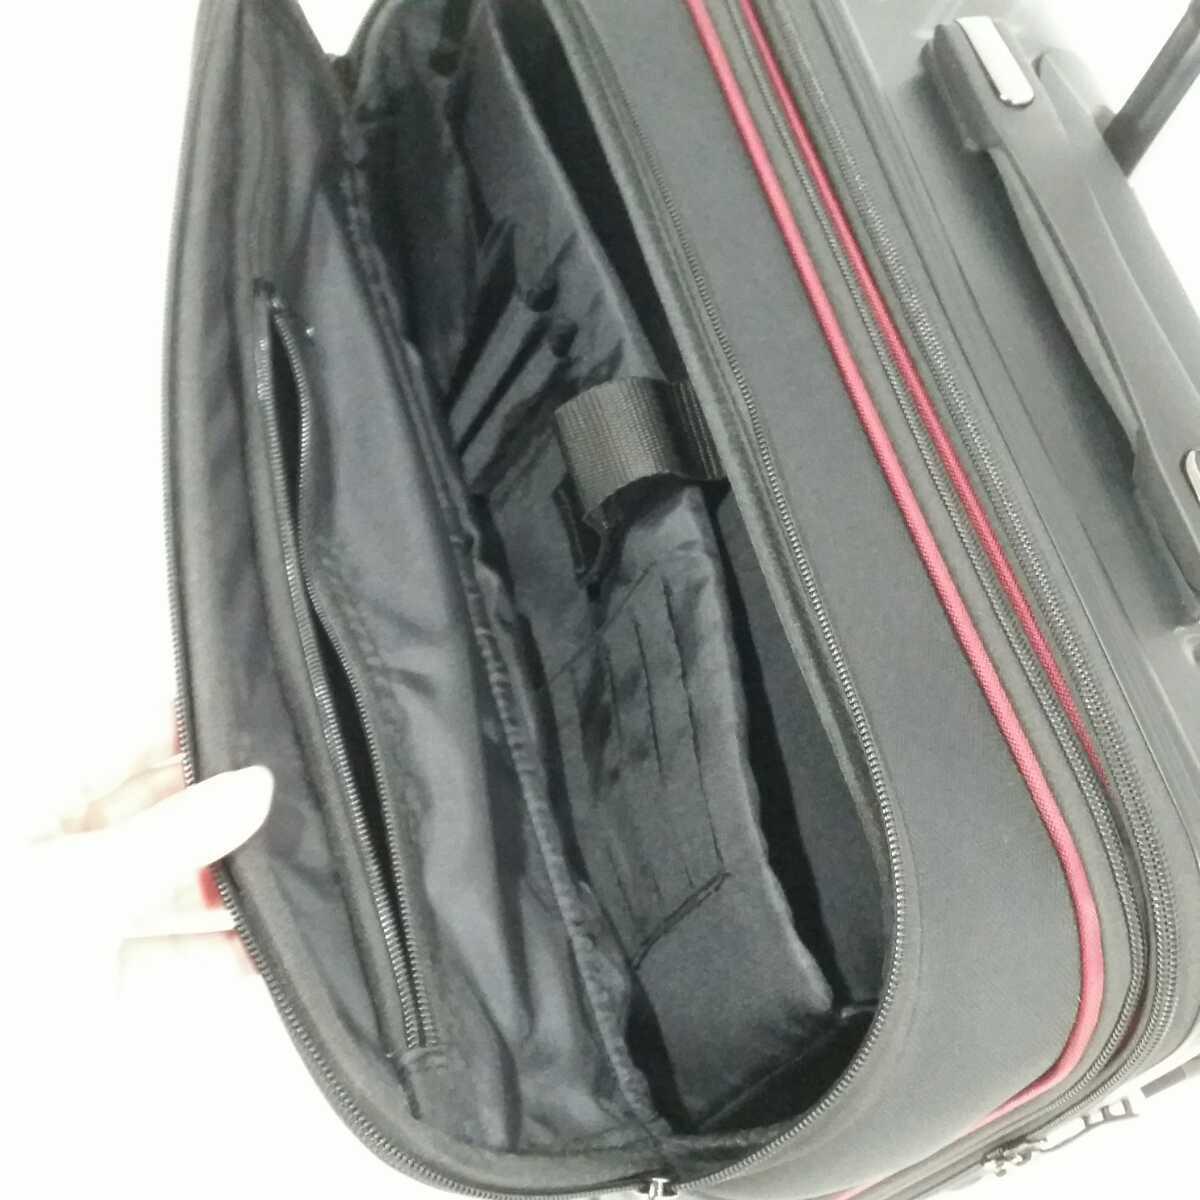 ス111 Sサイズ 横型 フロントオープン スーツケース キャリーケース 機内持ち込み 拡張機能 ブラック_画像5